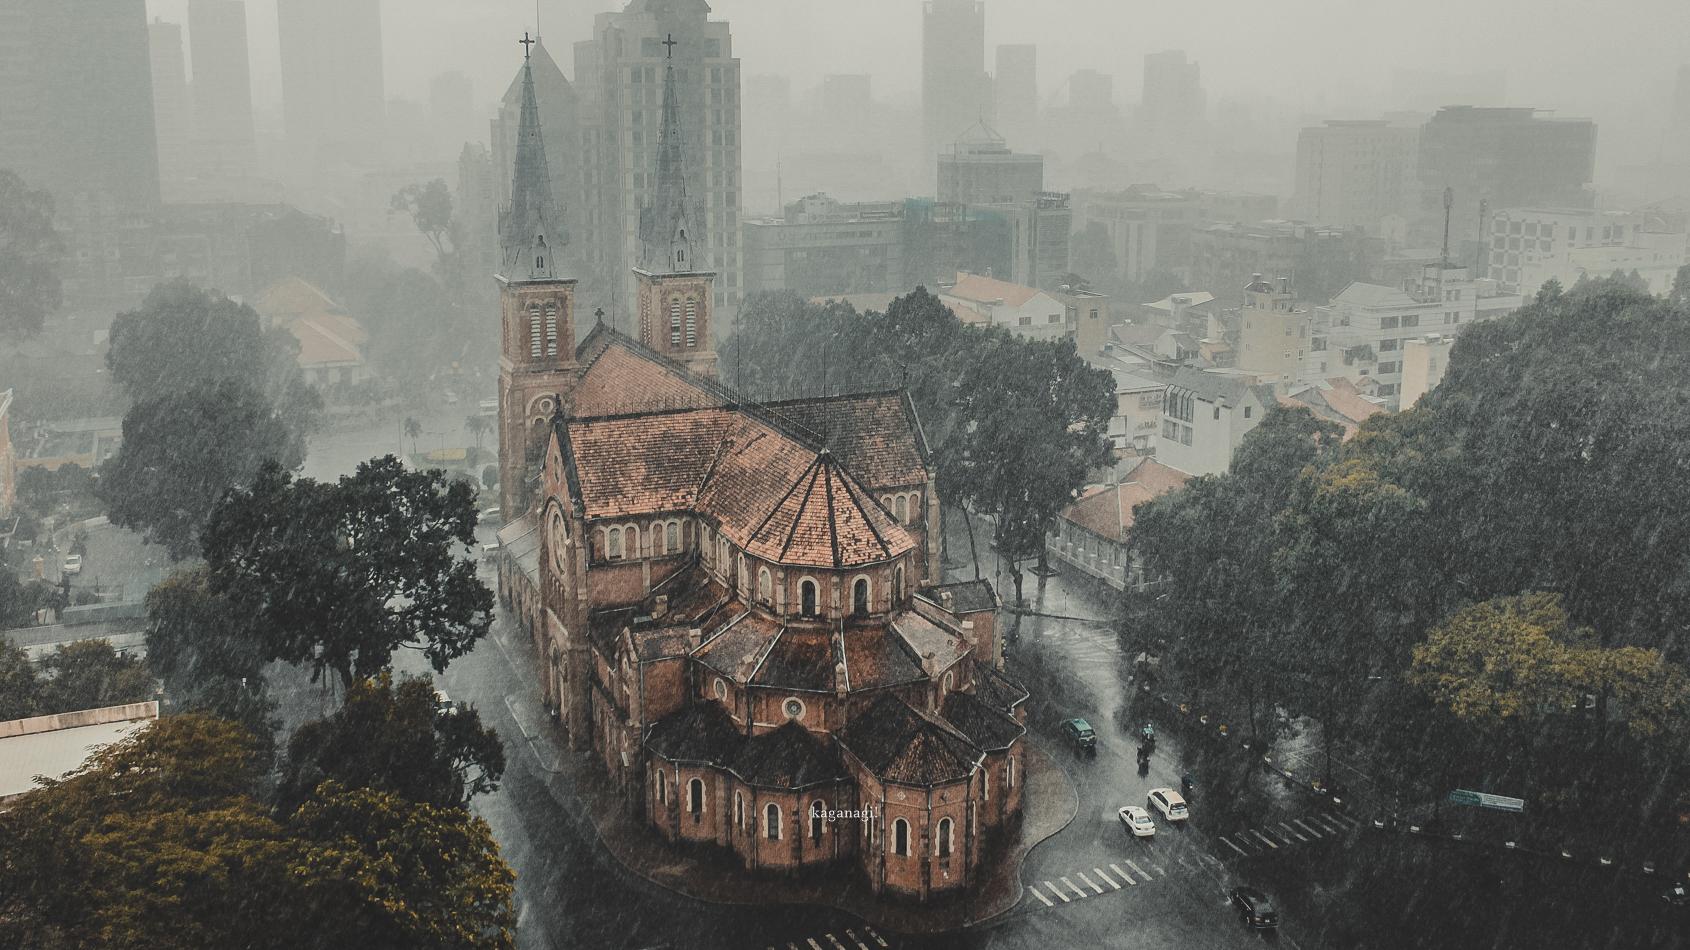 9x với loạt ảnh chụp từ trên cao khiến bạn ngỡ ngàng vì vẻ đẹp choáng ngợp của Sài Gòn - Ảnh 4.